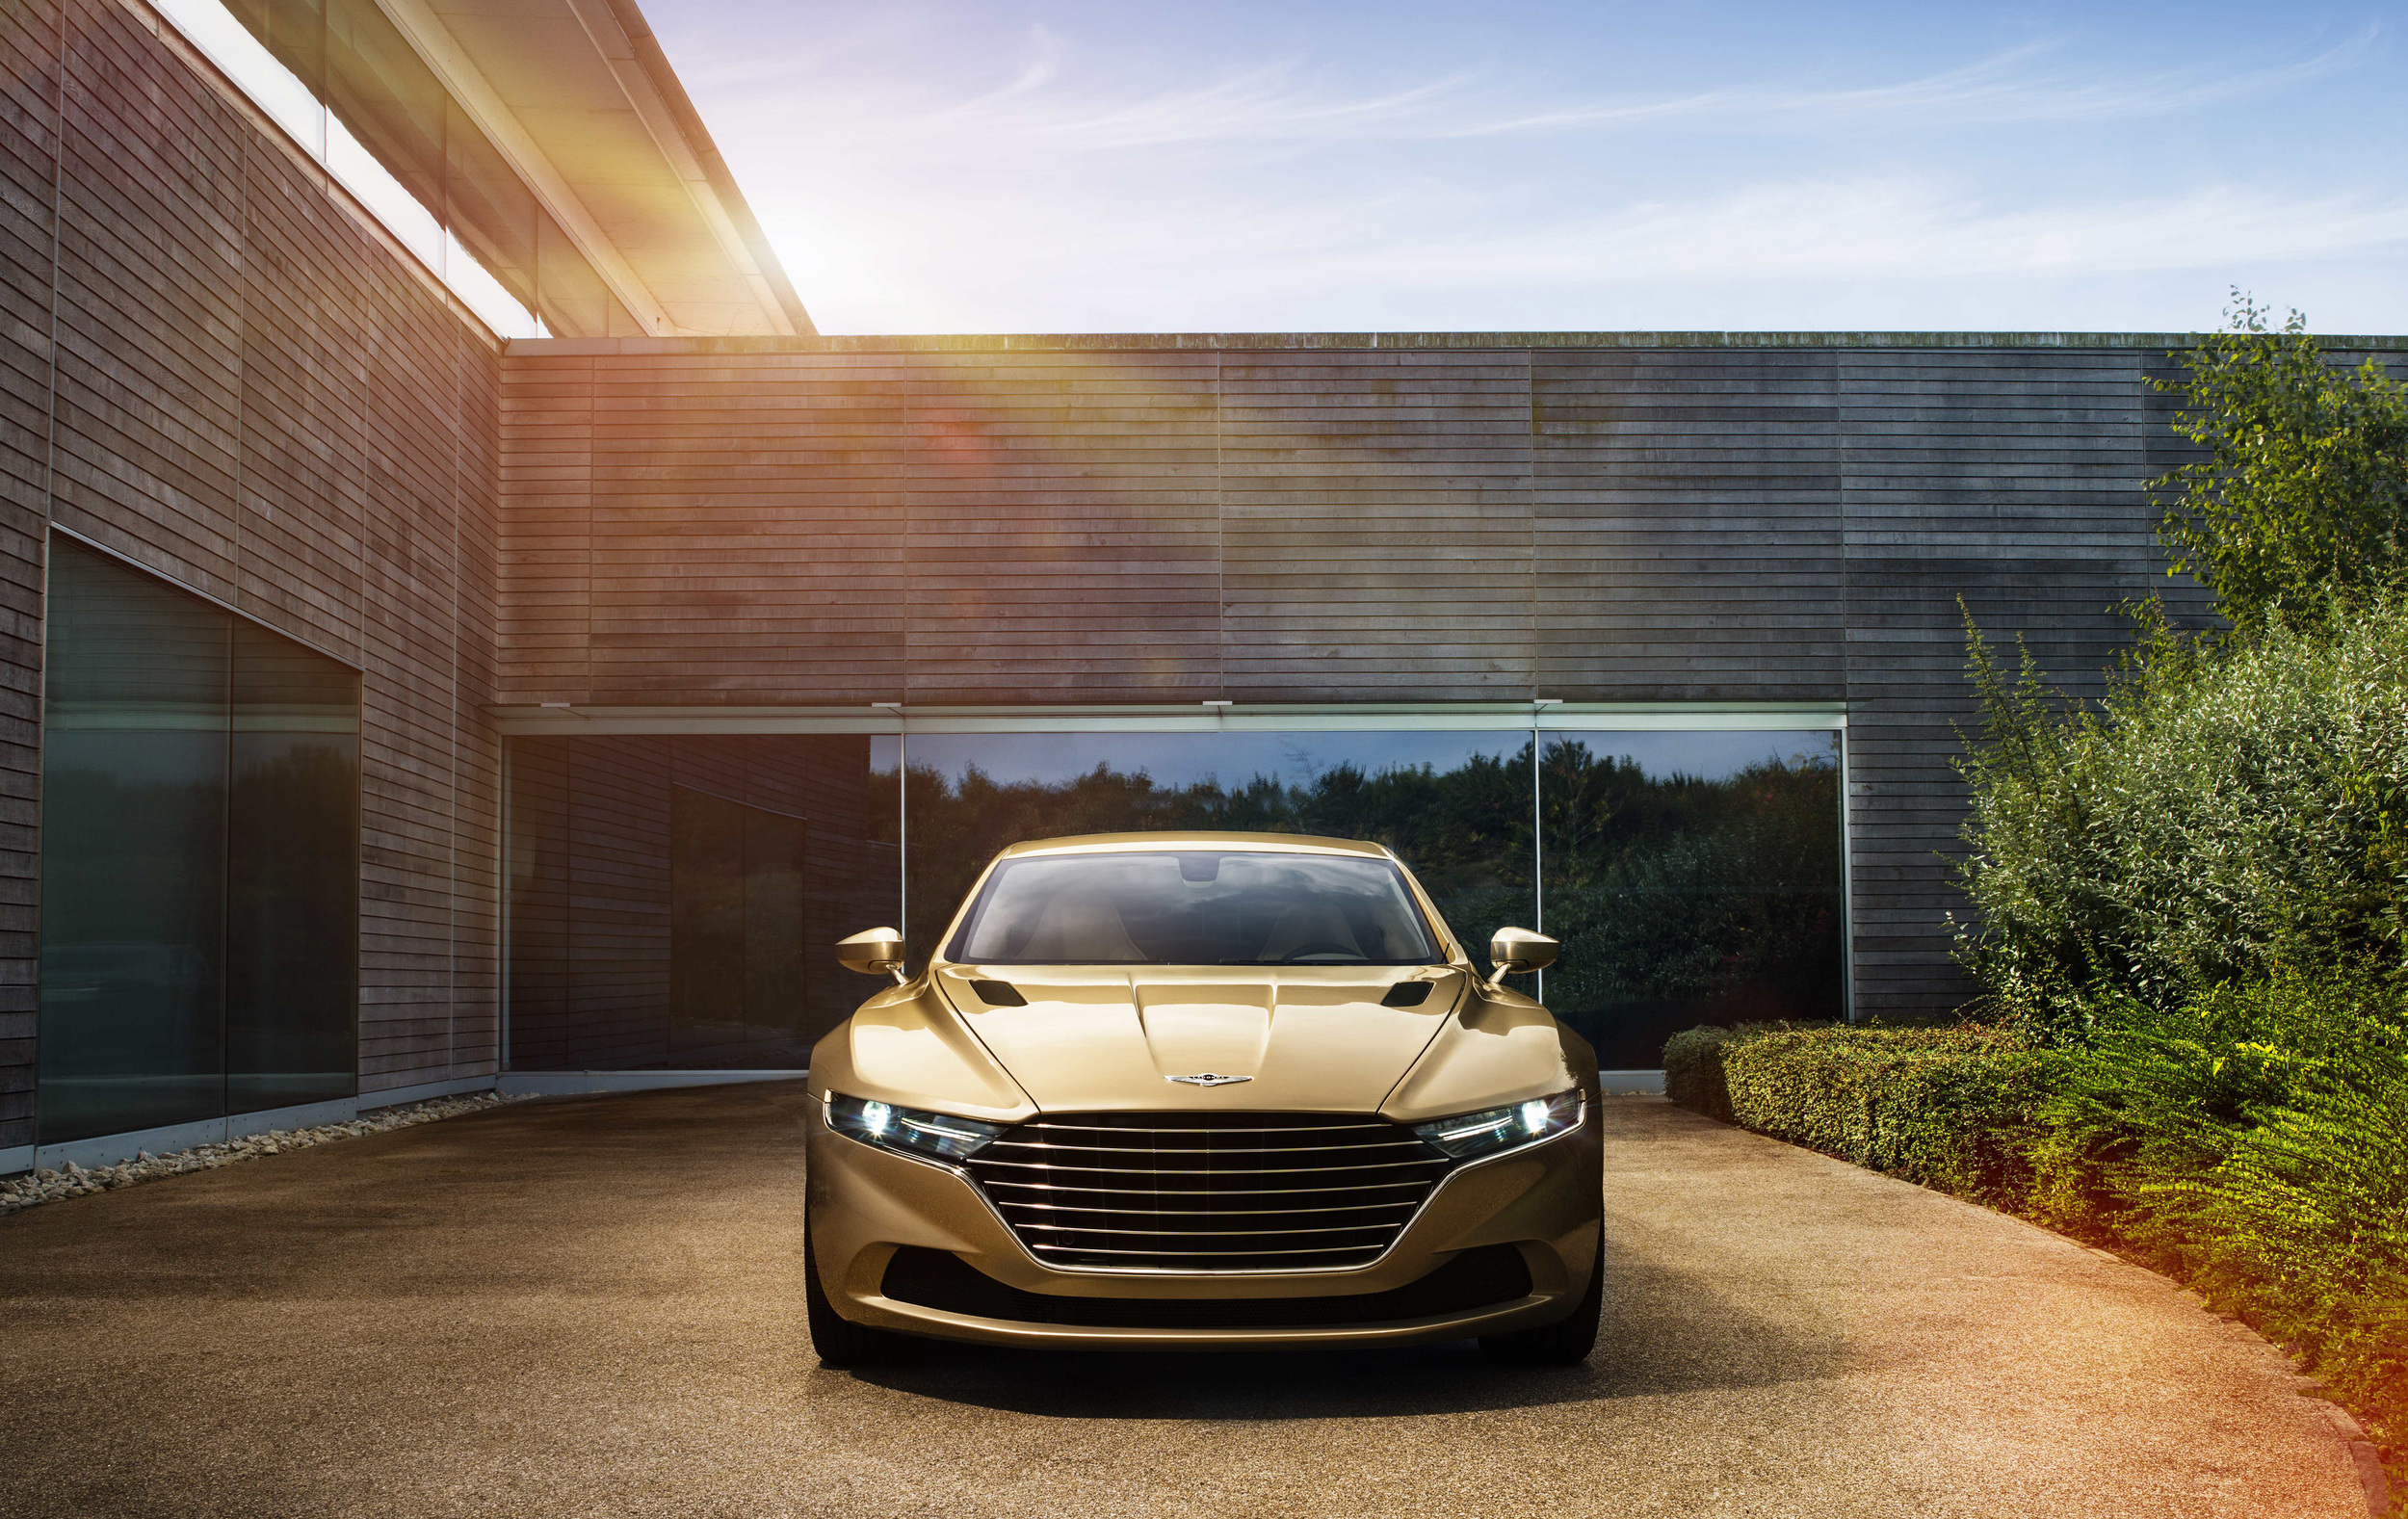 Pictures Of Aston Martin Lagonda